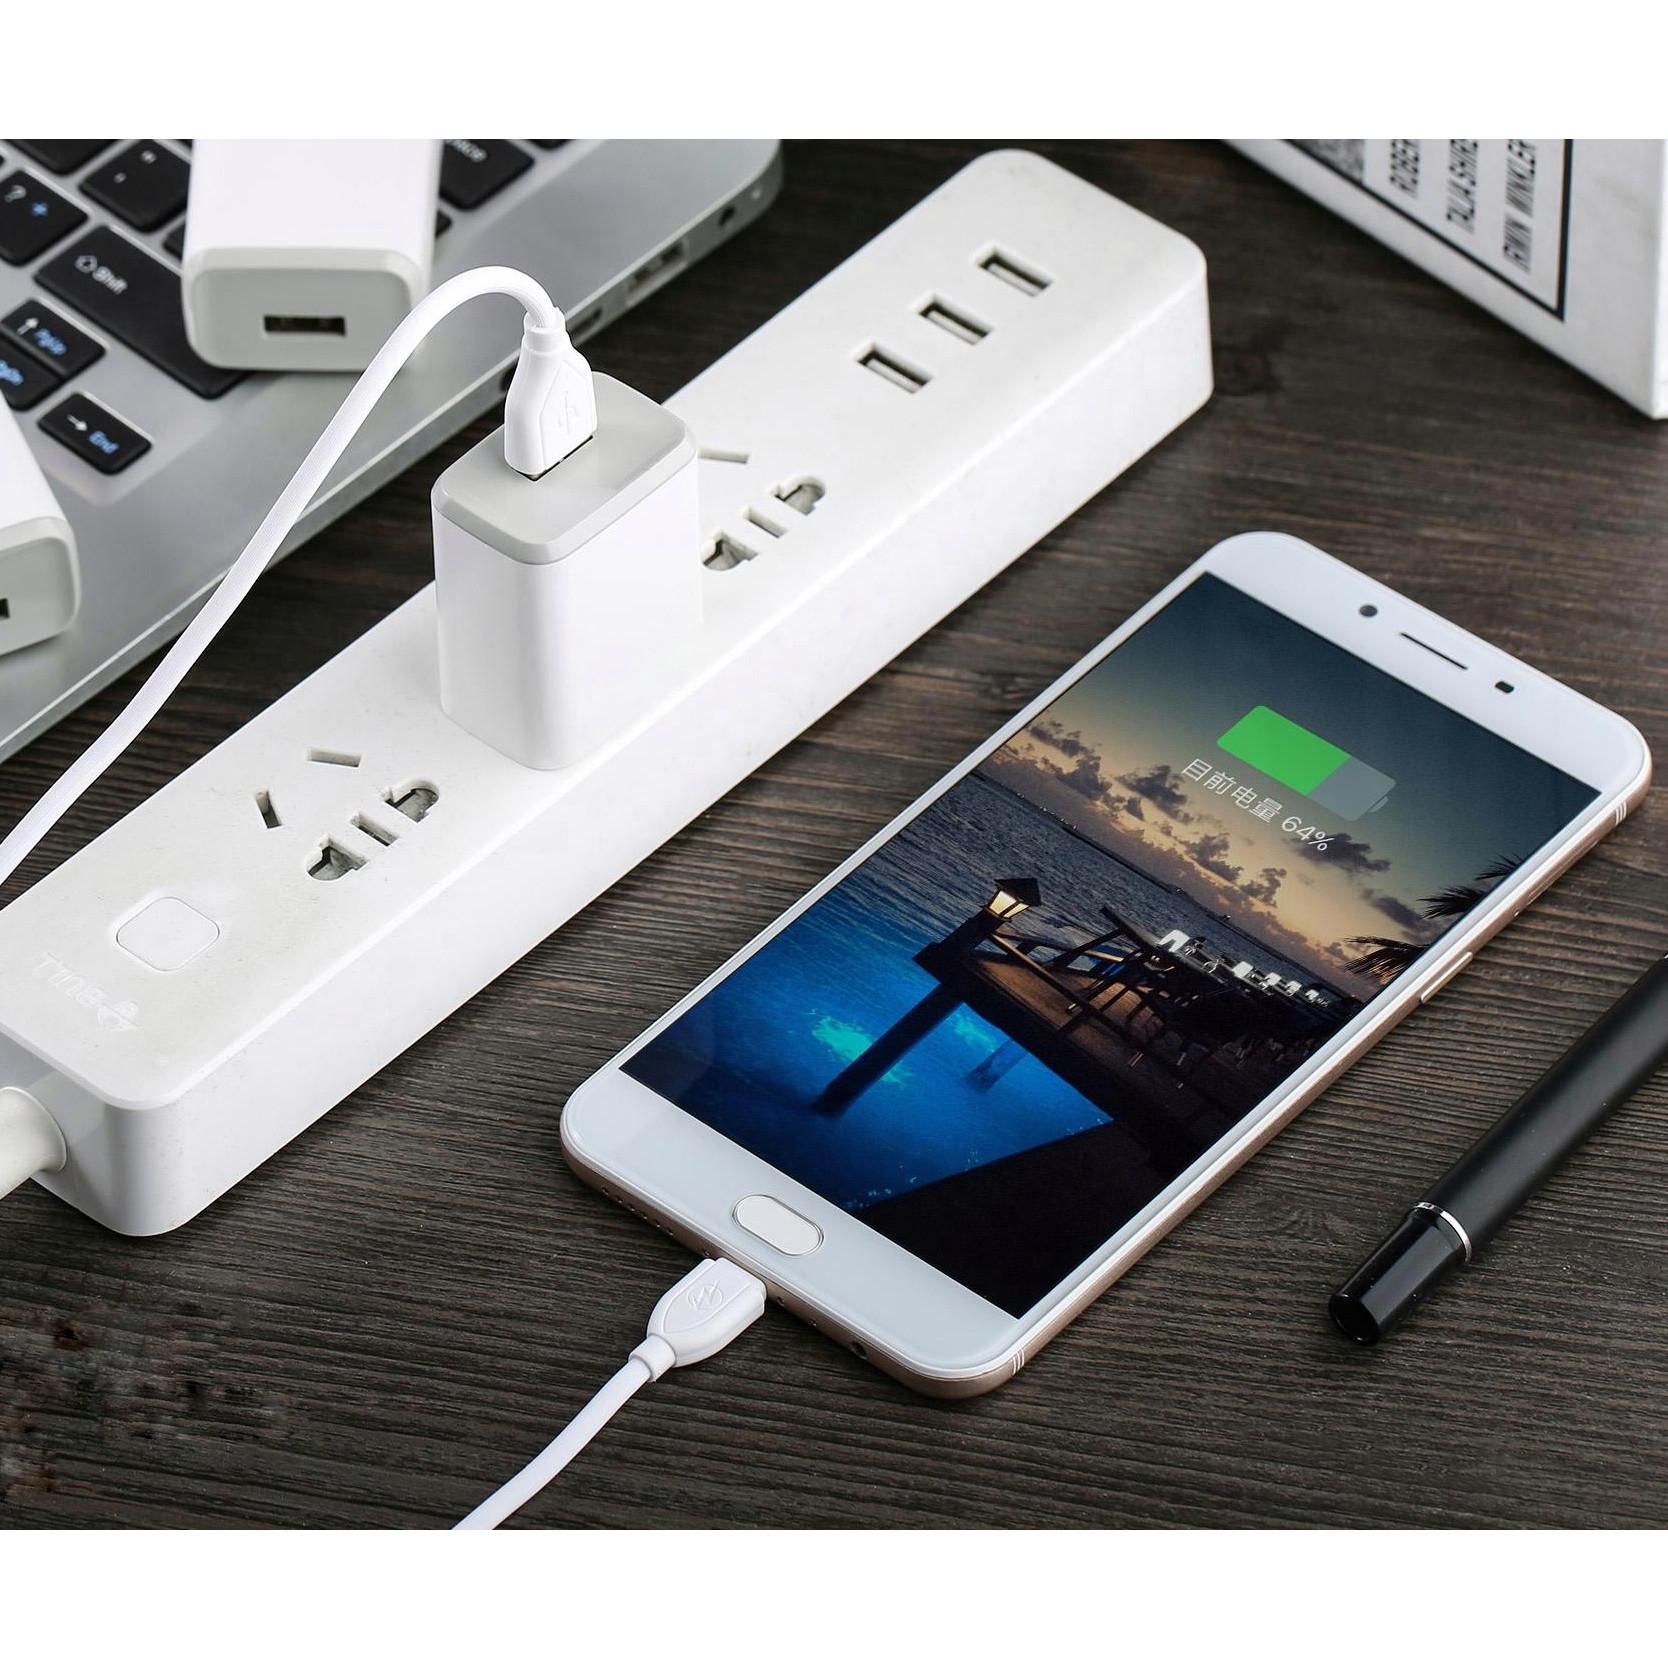 Bộ củ và cáp sạc nhanh iphone 2.4A, Sạc được IPAD